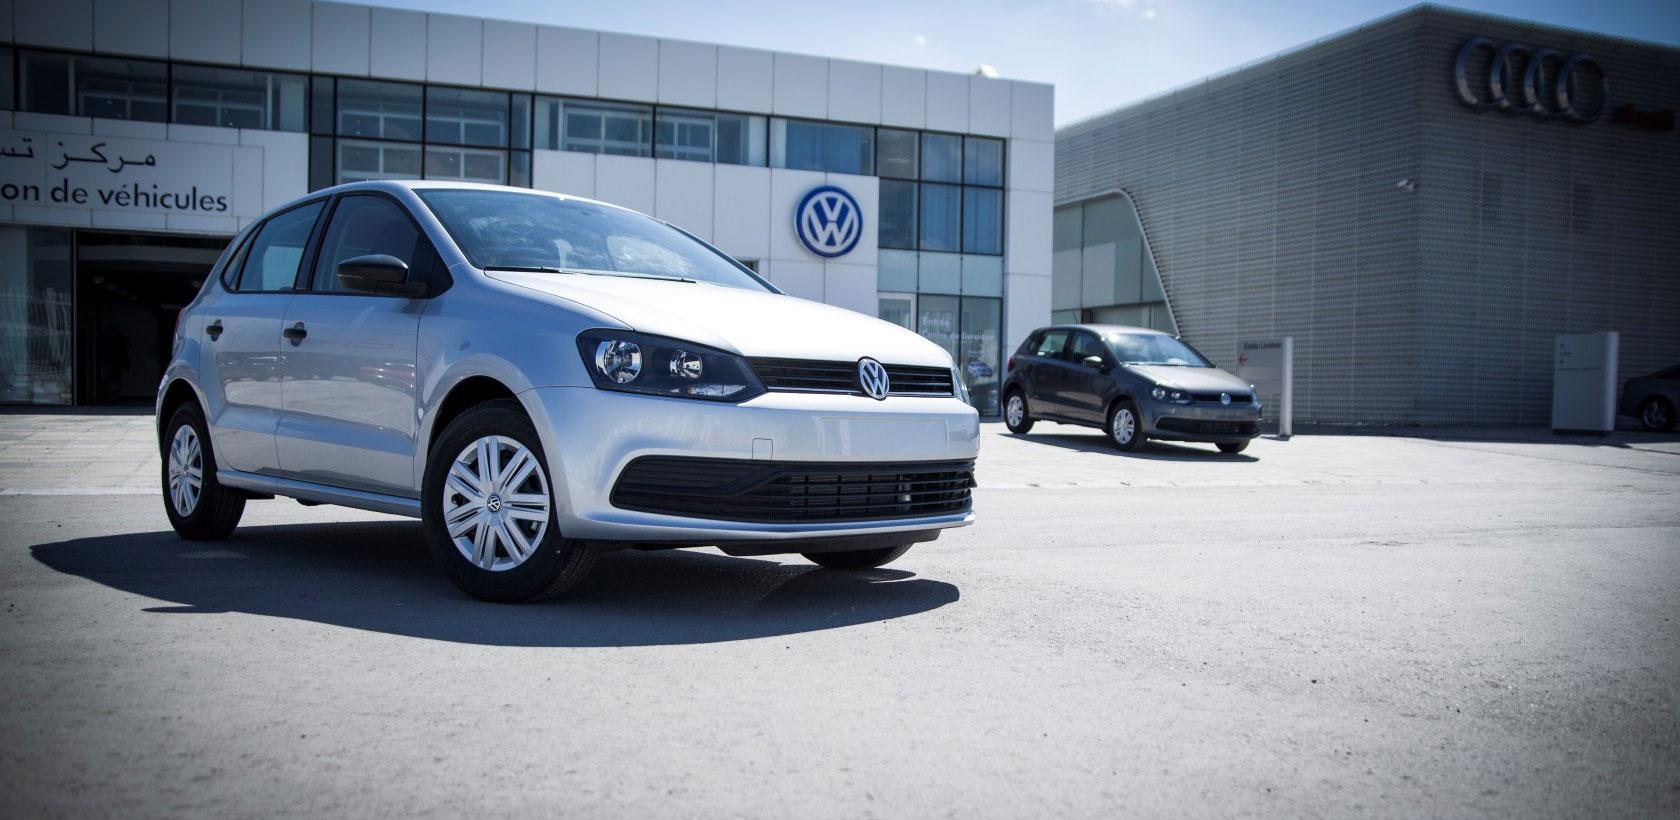 Ennakl Automobiles annonce l'arrivée de la Polo populaire